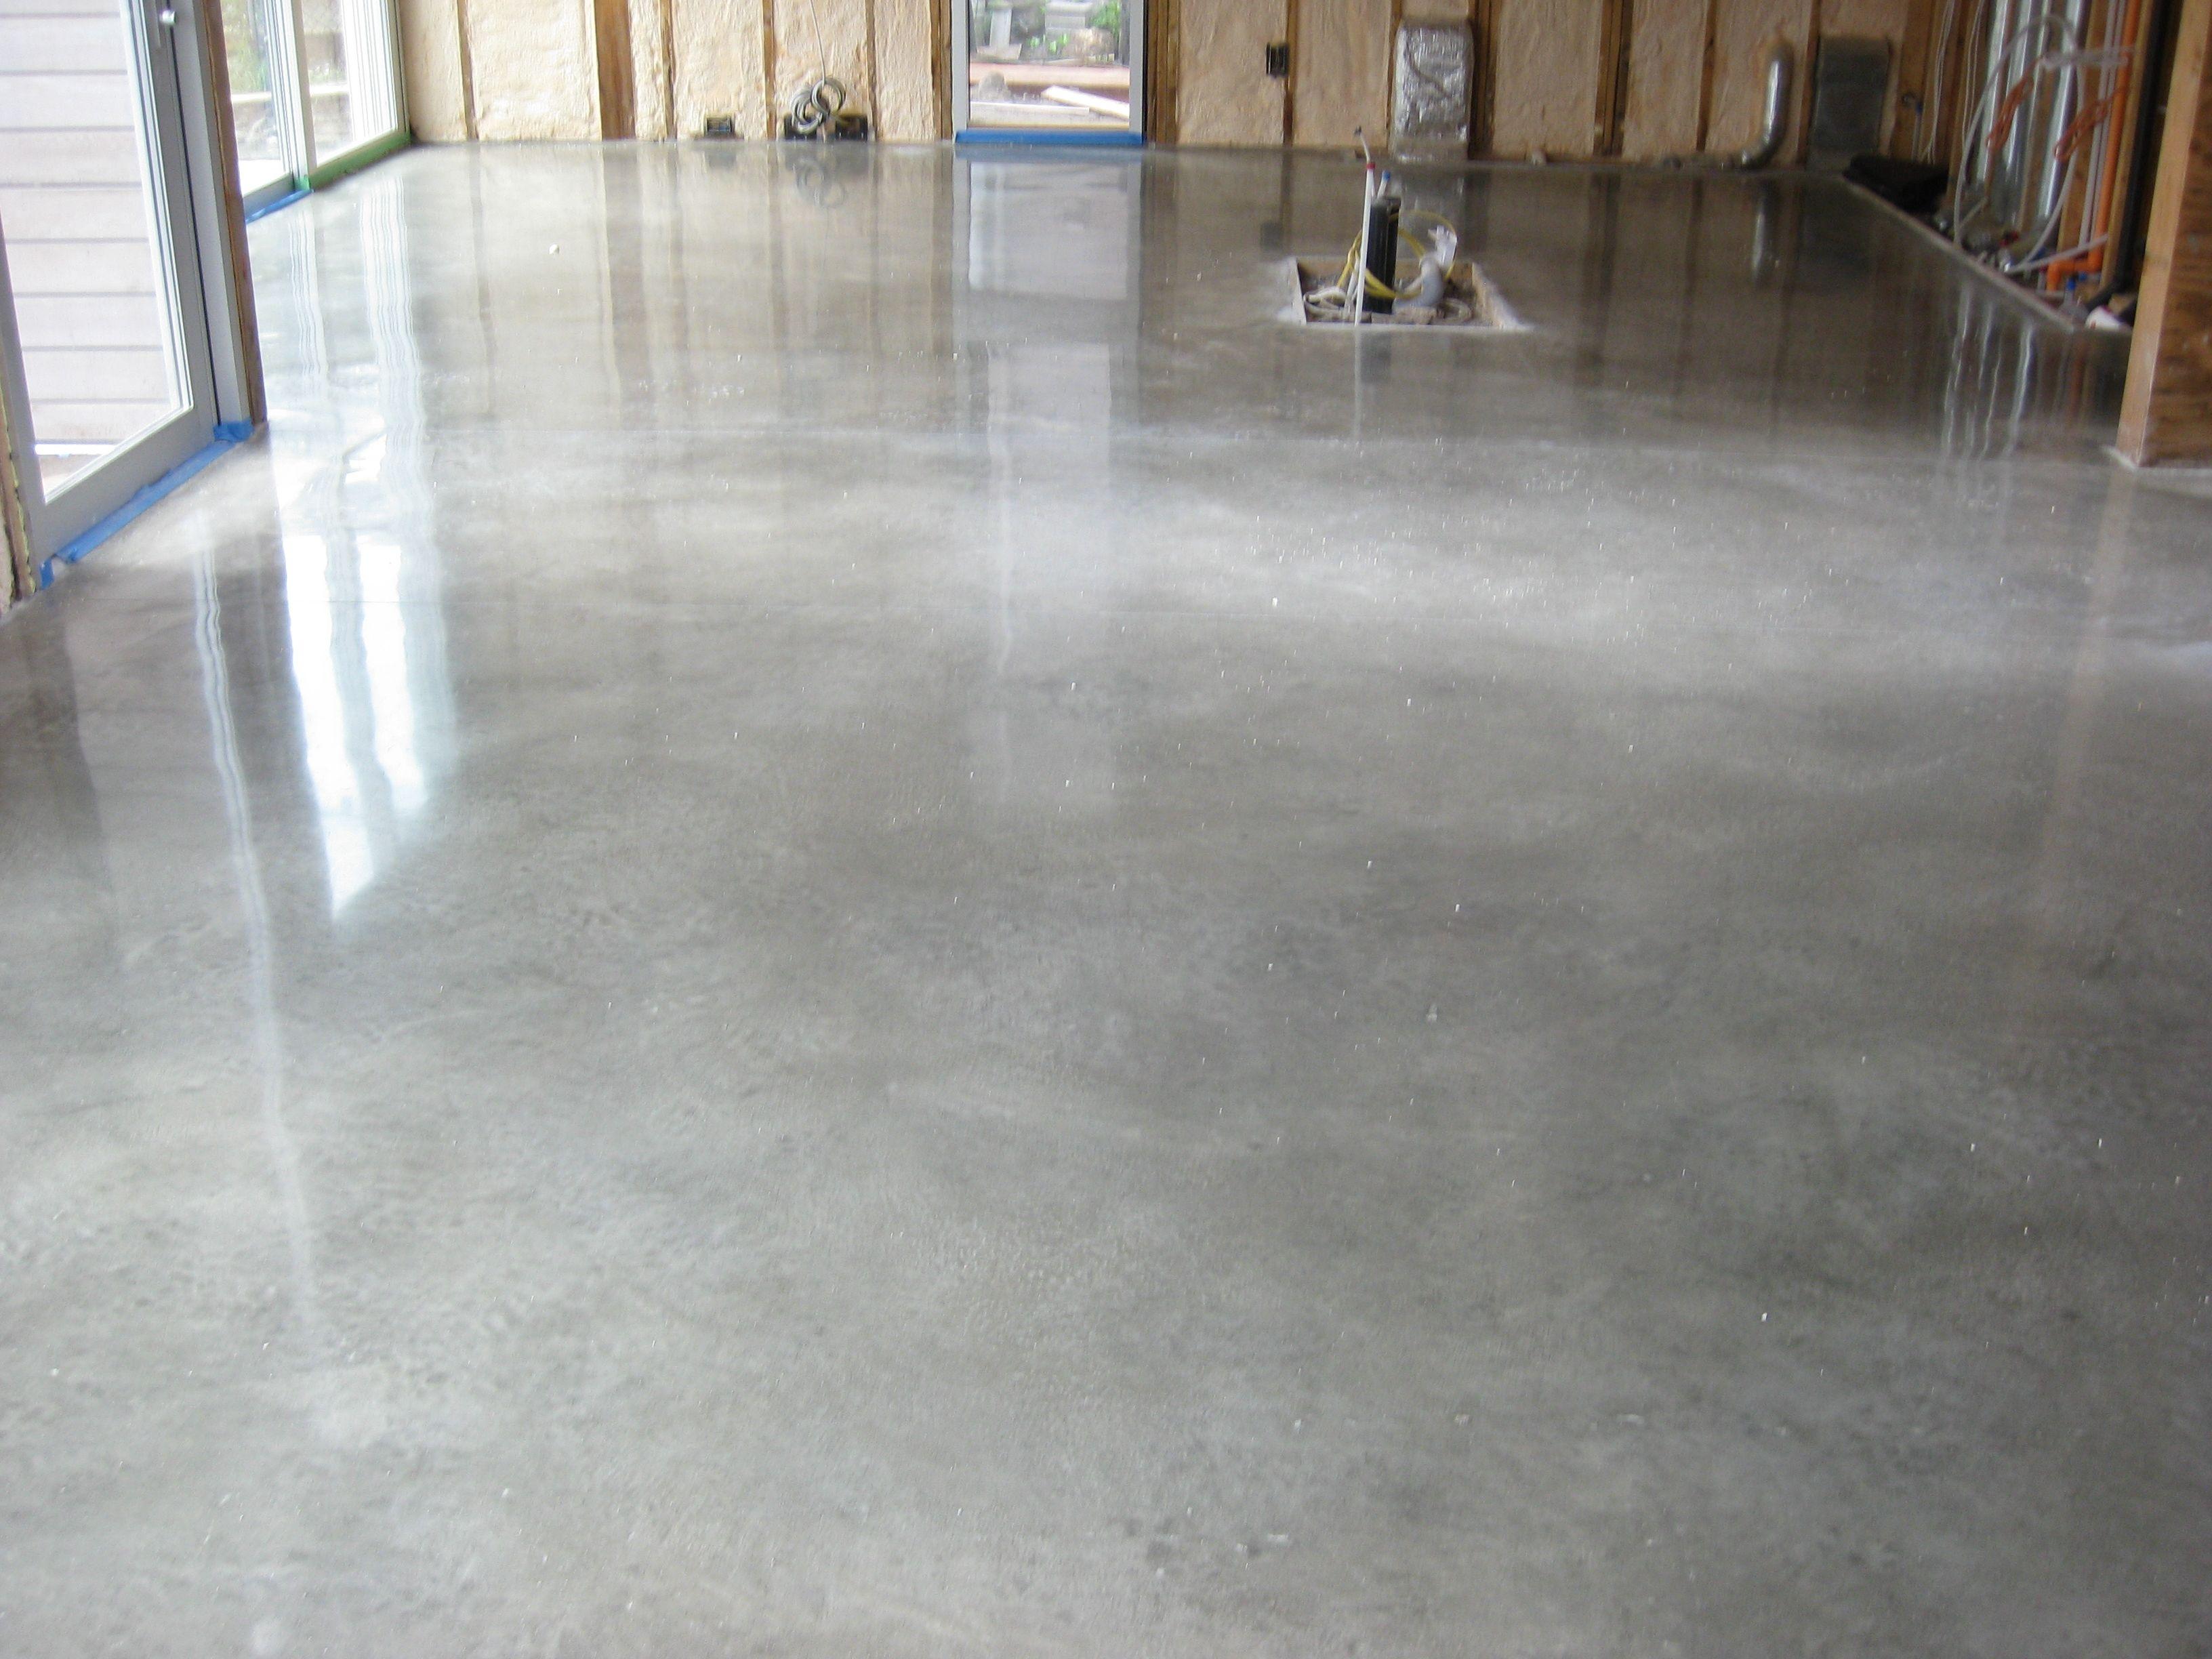 polished concrete flooring concrete floor kitchen Polished concrete floor almost a must in warehouse conversions Description from pinterest com